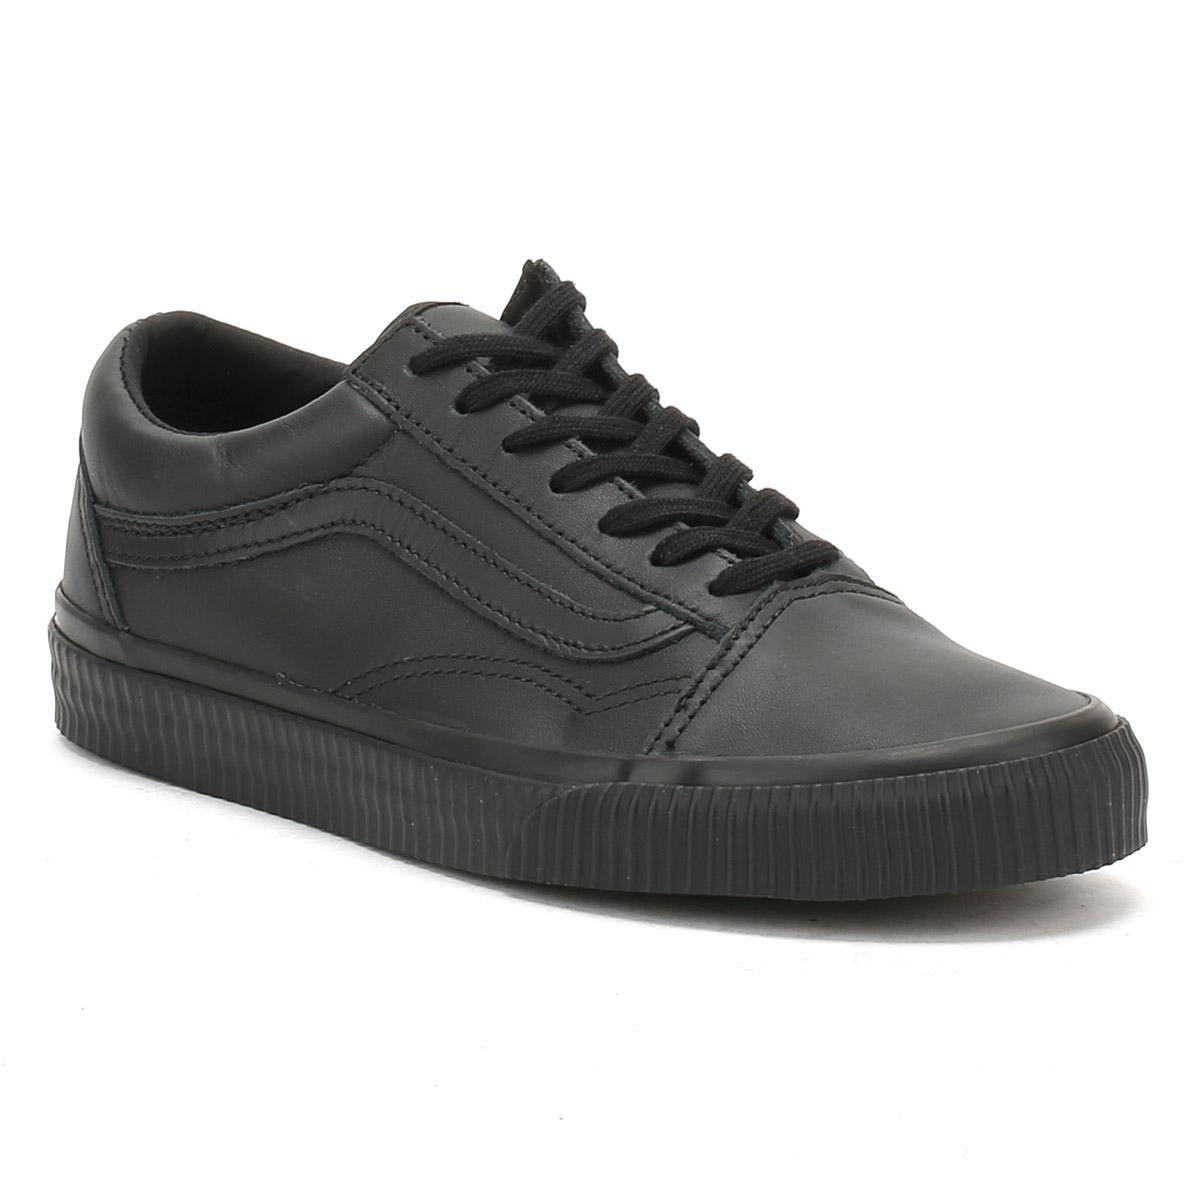 vans old skool trainers in black